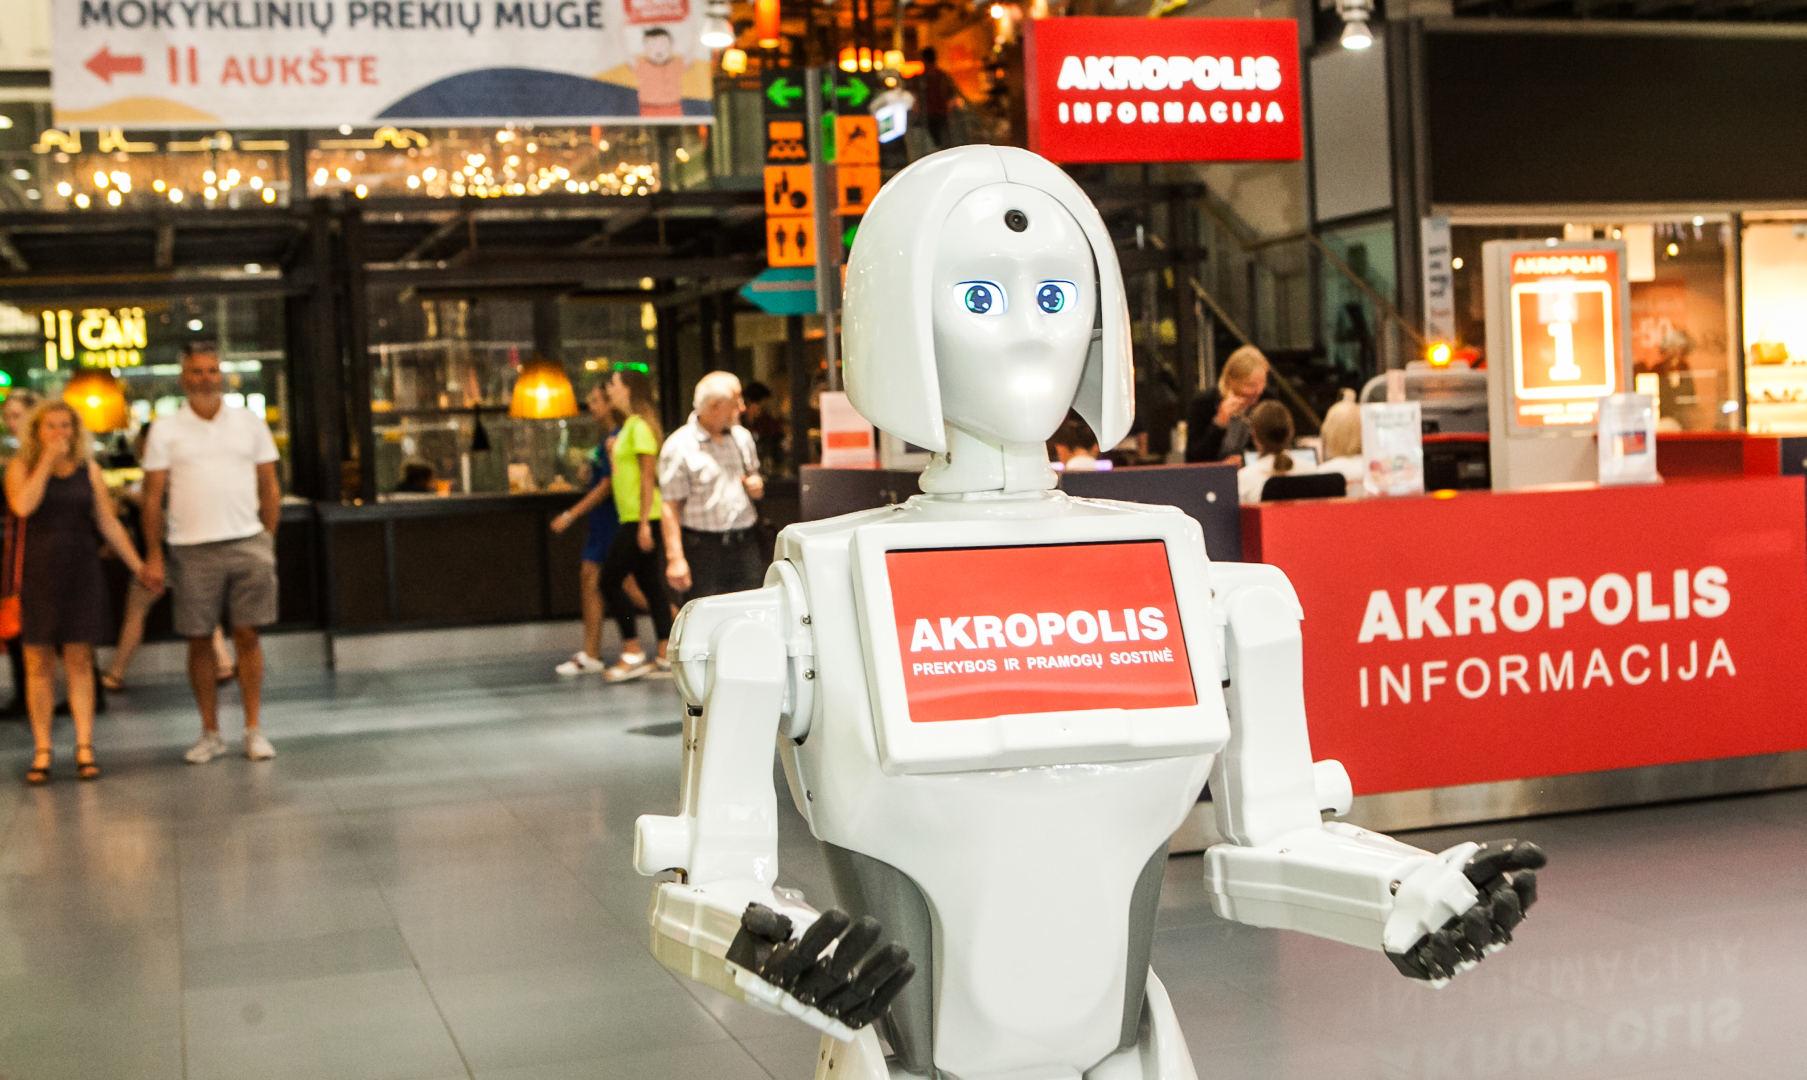 prekybos robotas ema sankirtoje